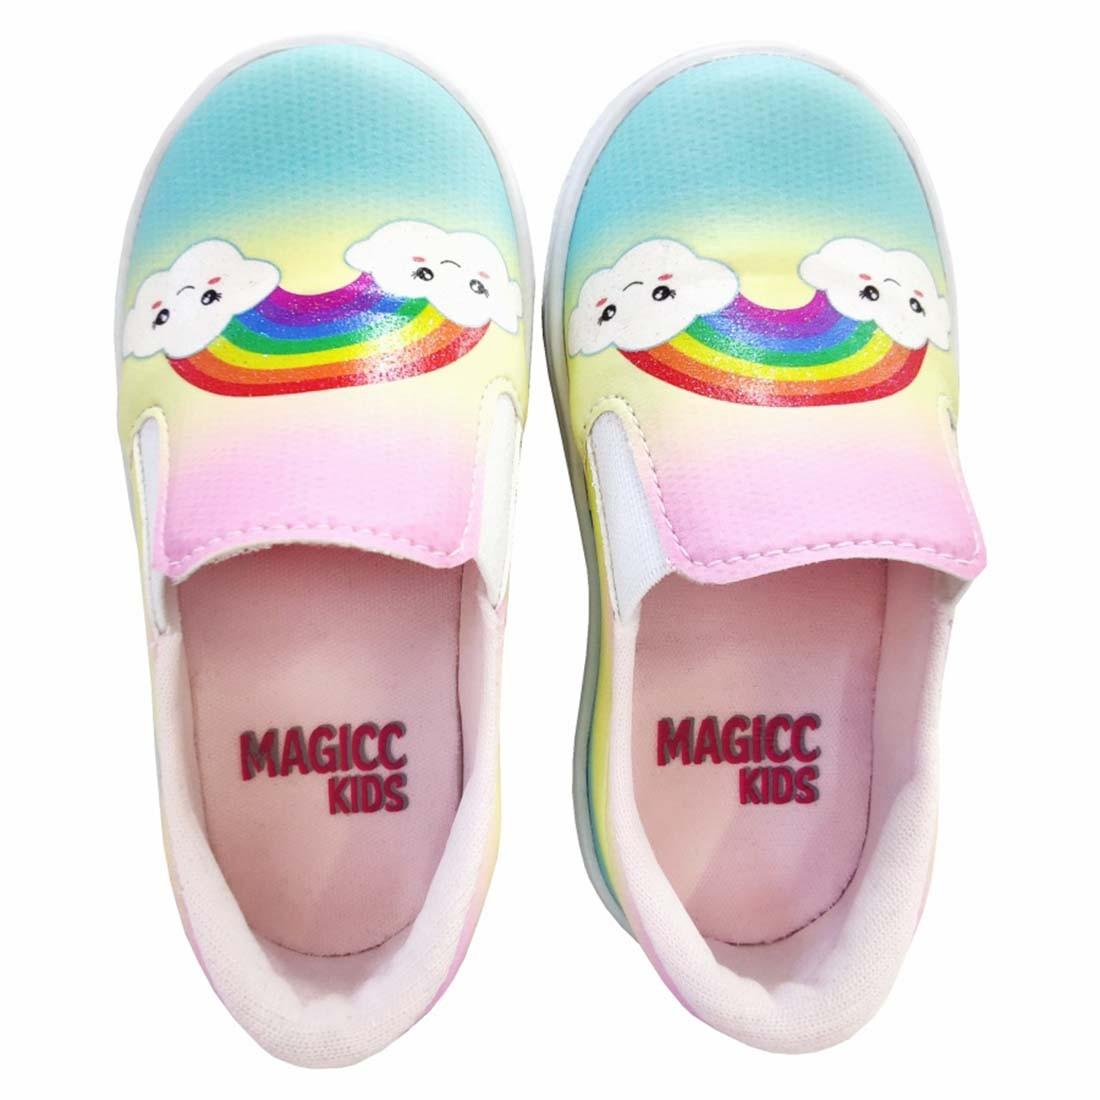 Kit Infantil Bolsa e Tênis Arco-Íris, Magicc Kids